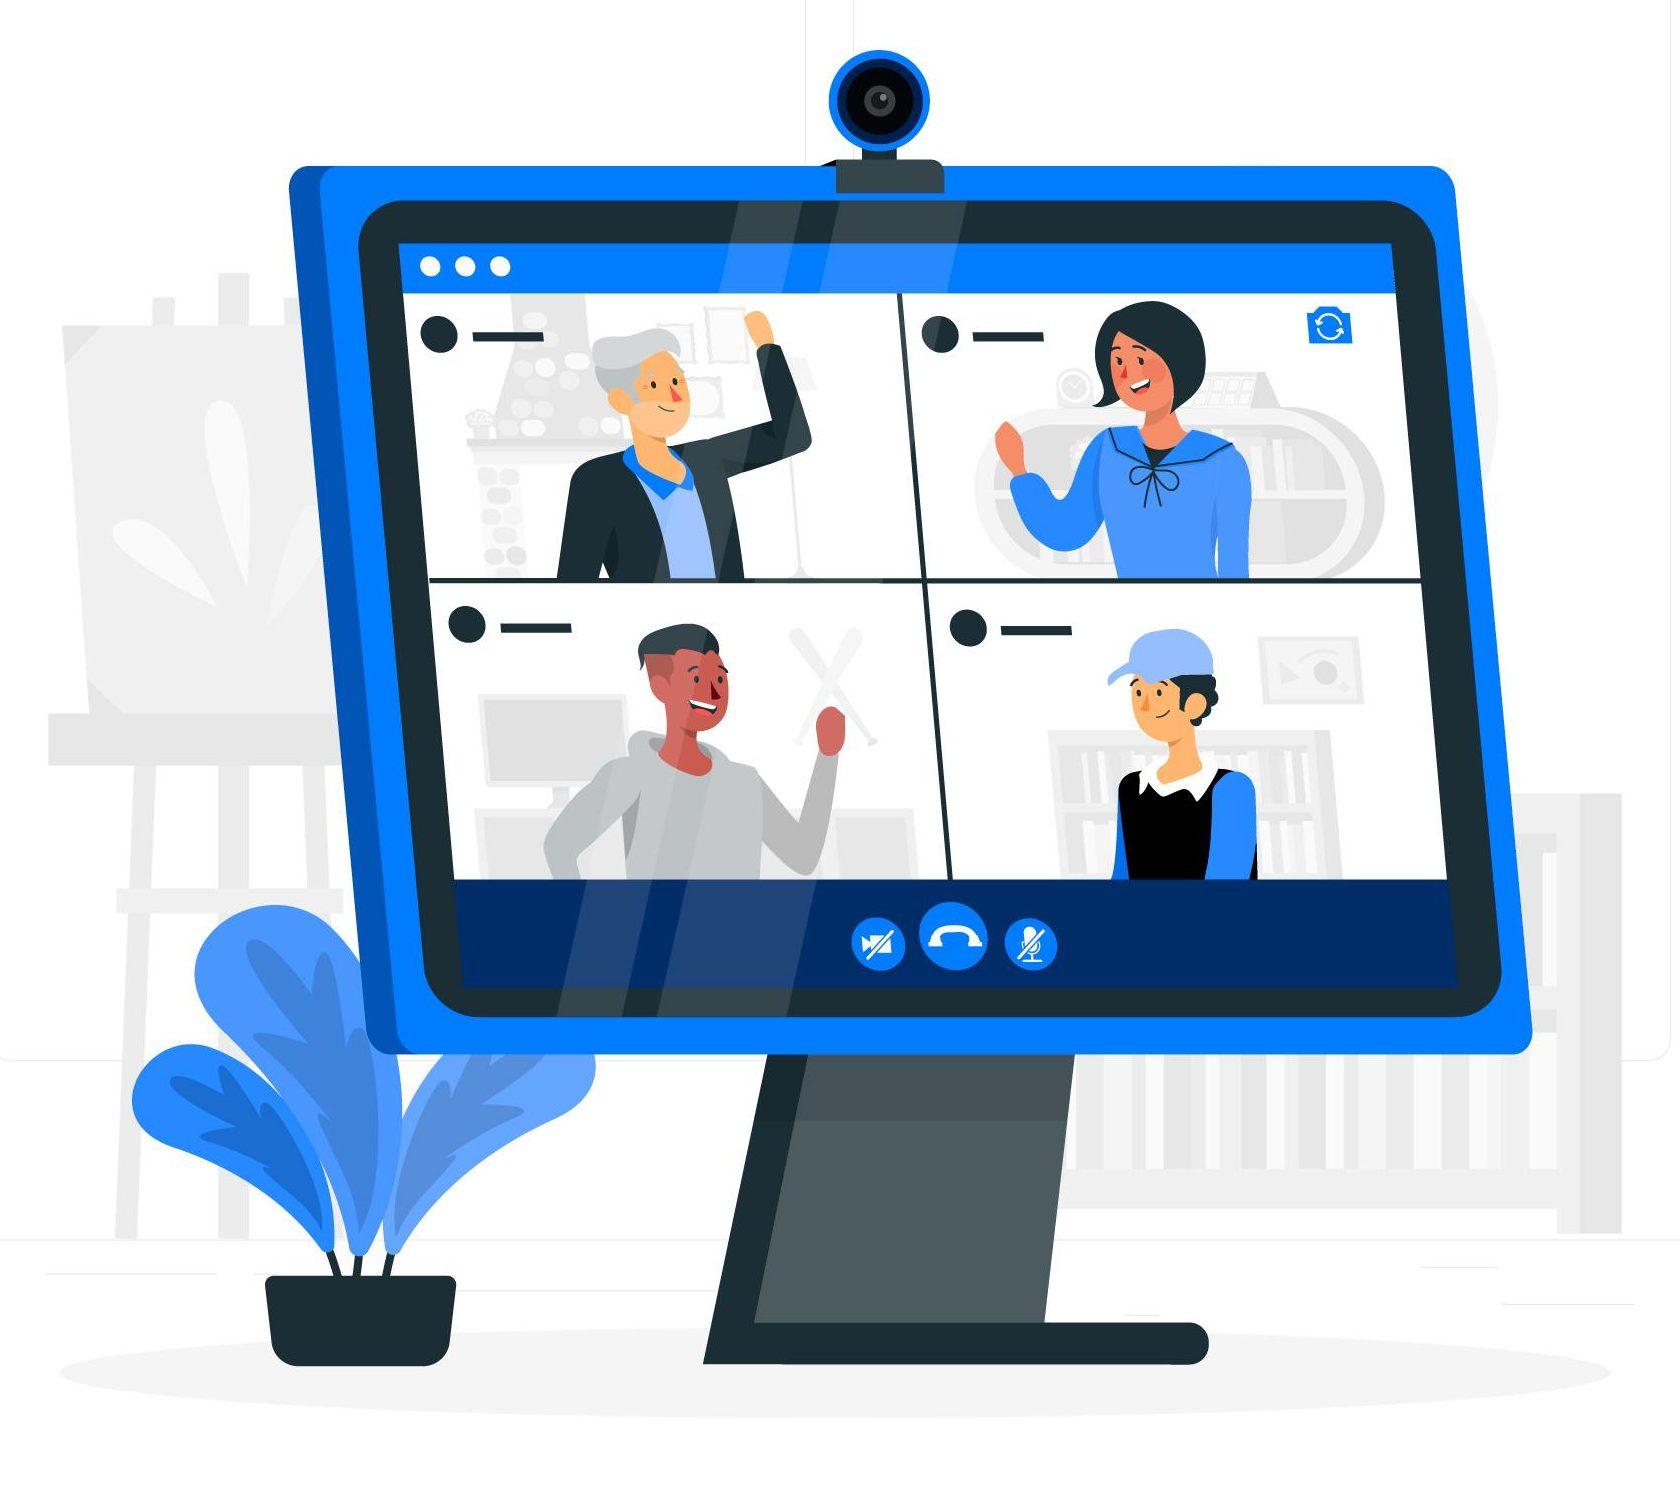 etika meeting online